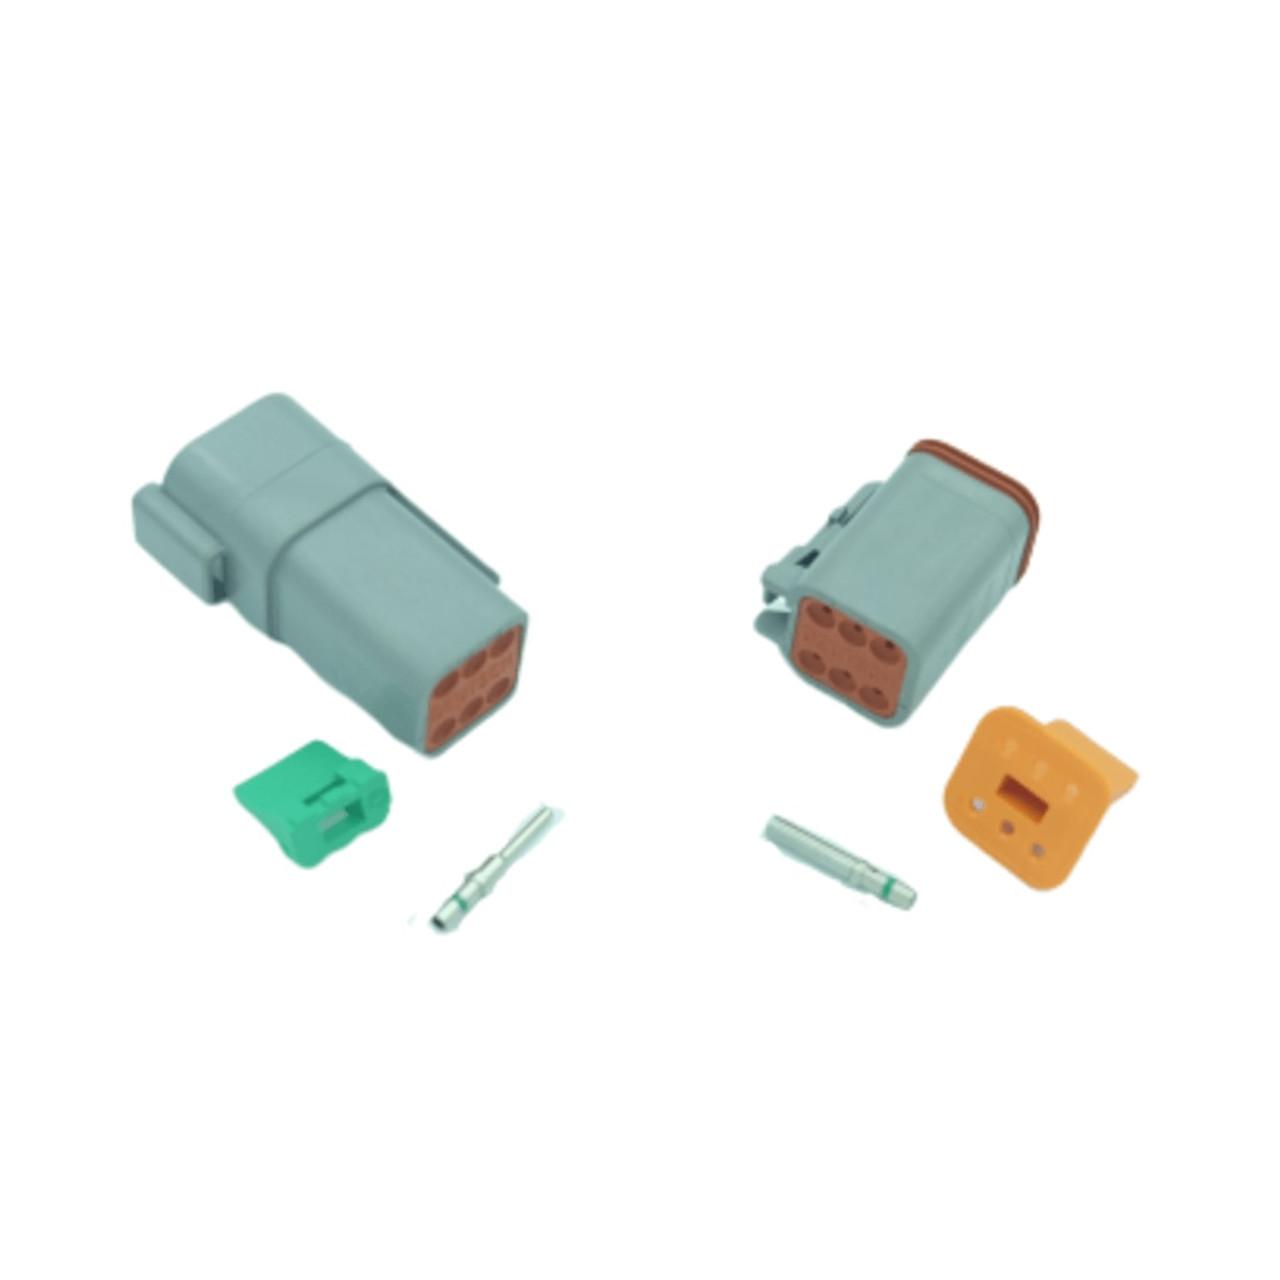 6 pin Deutsch connector set